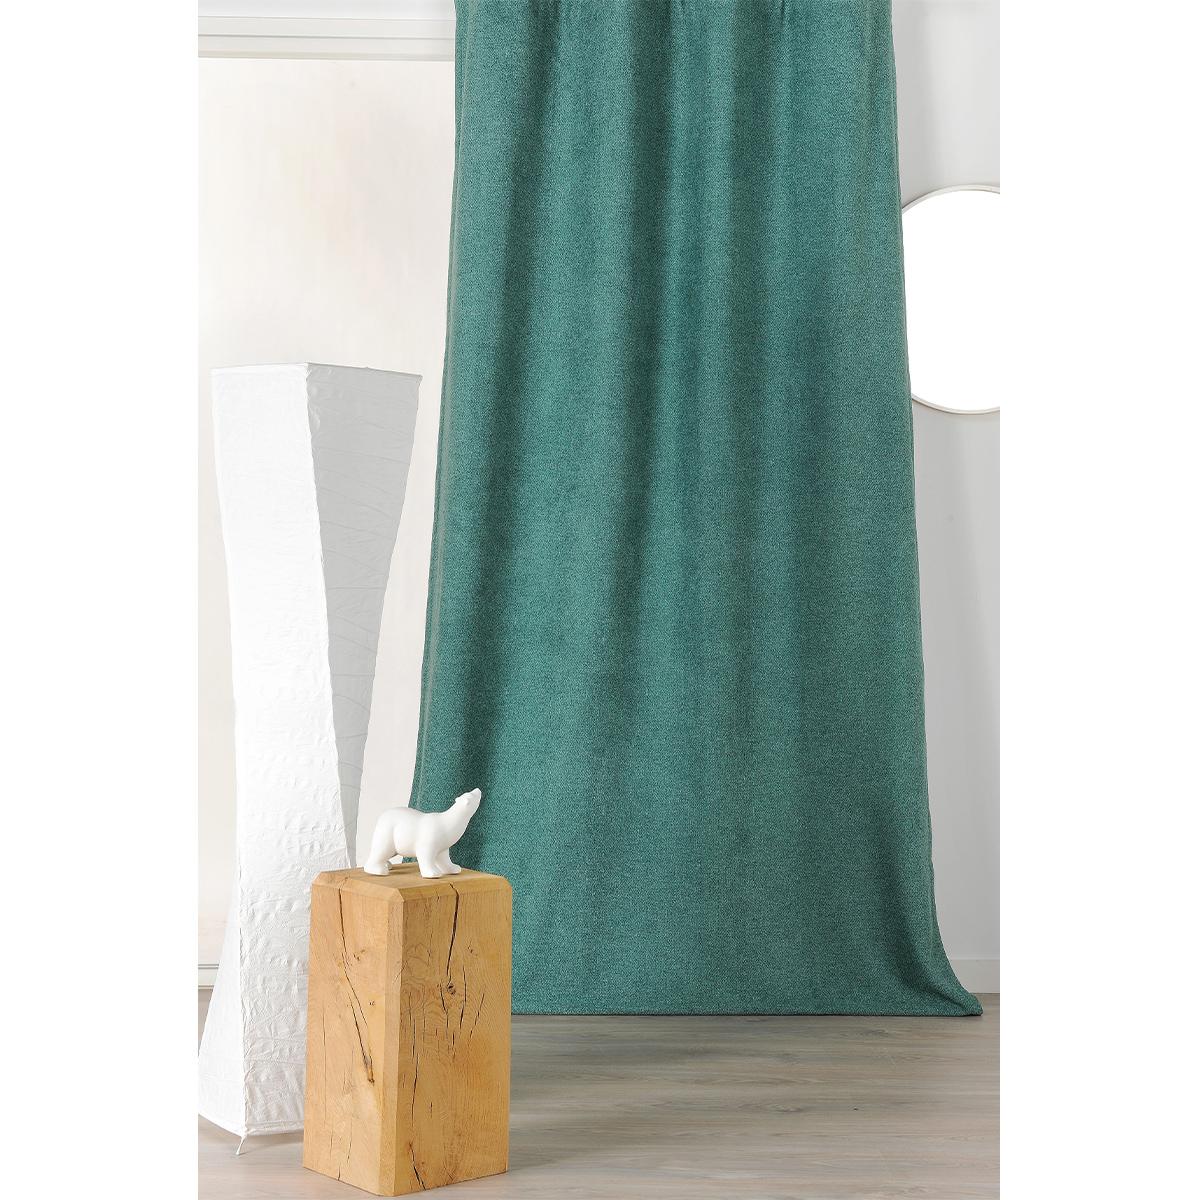 Rideau épais aspect laine chinée à galon fronceur - VERT SAPIN - 140 x 250 cm